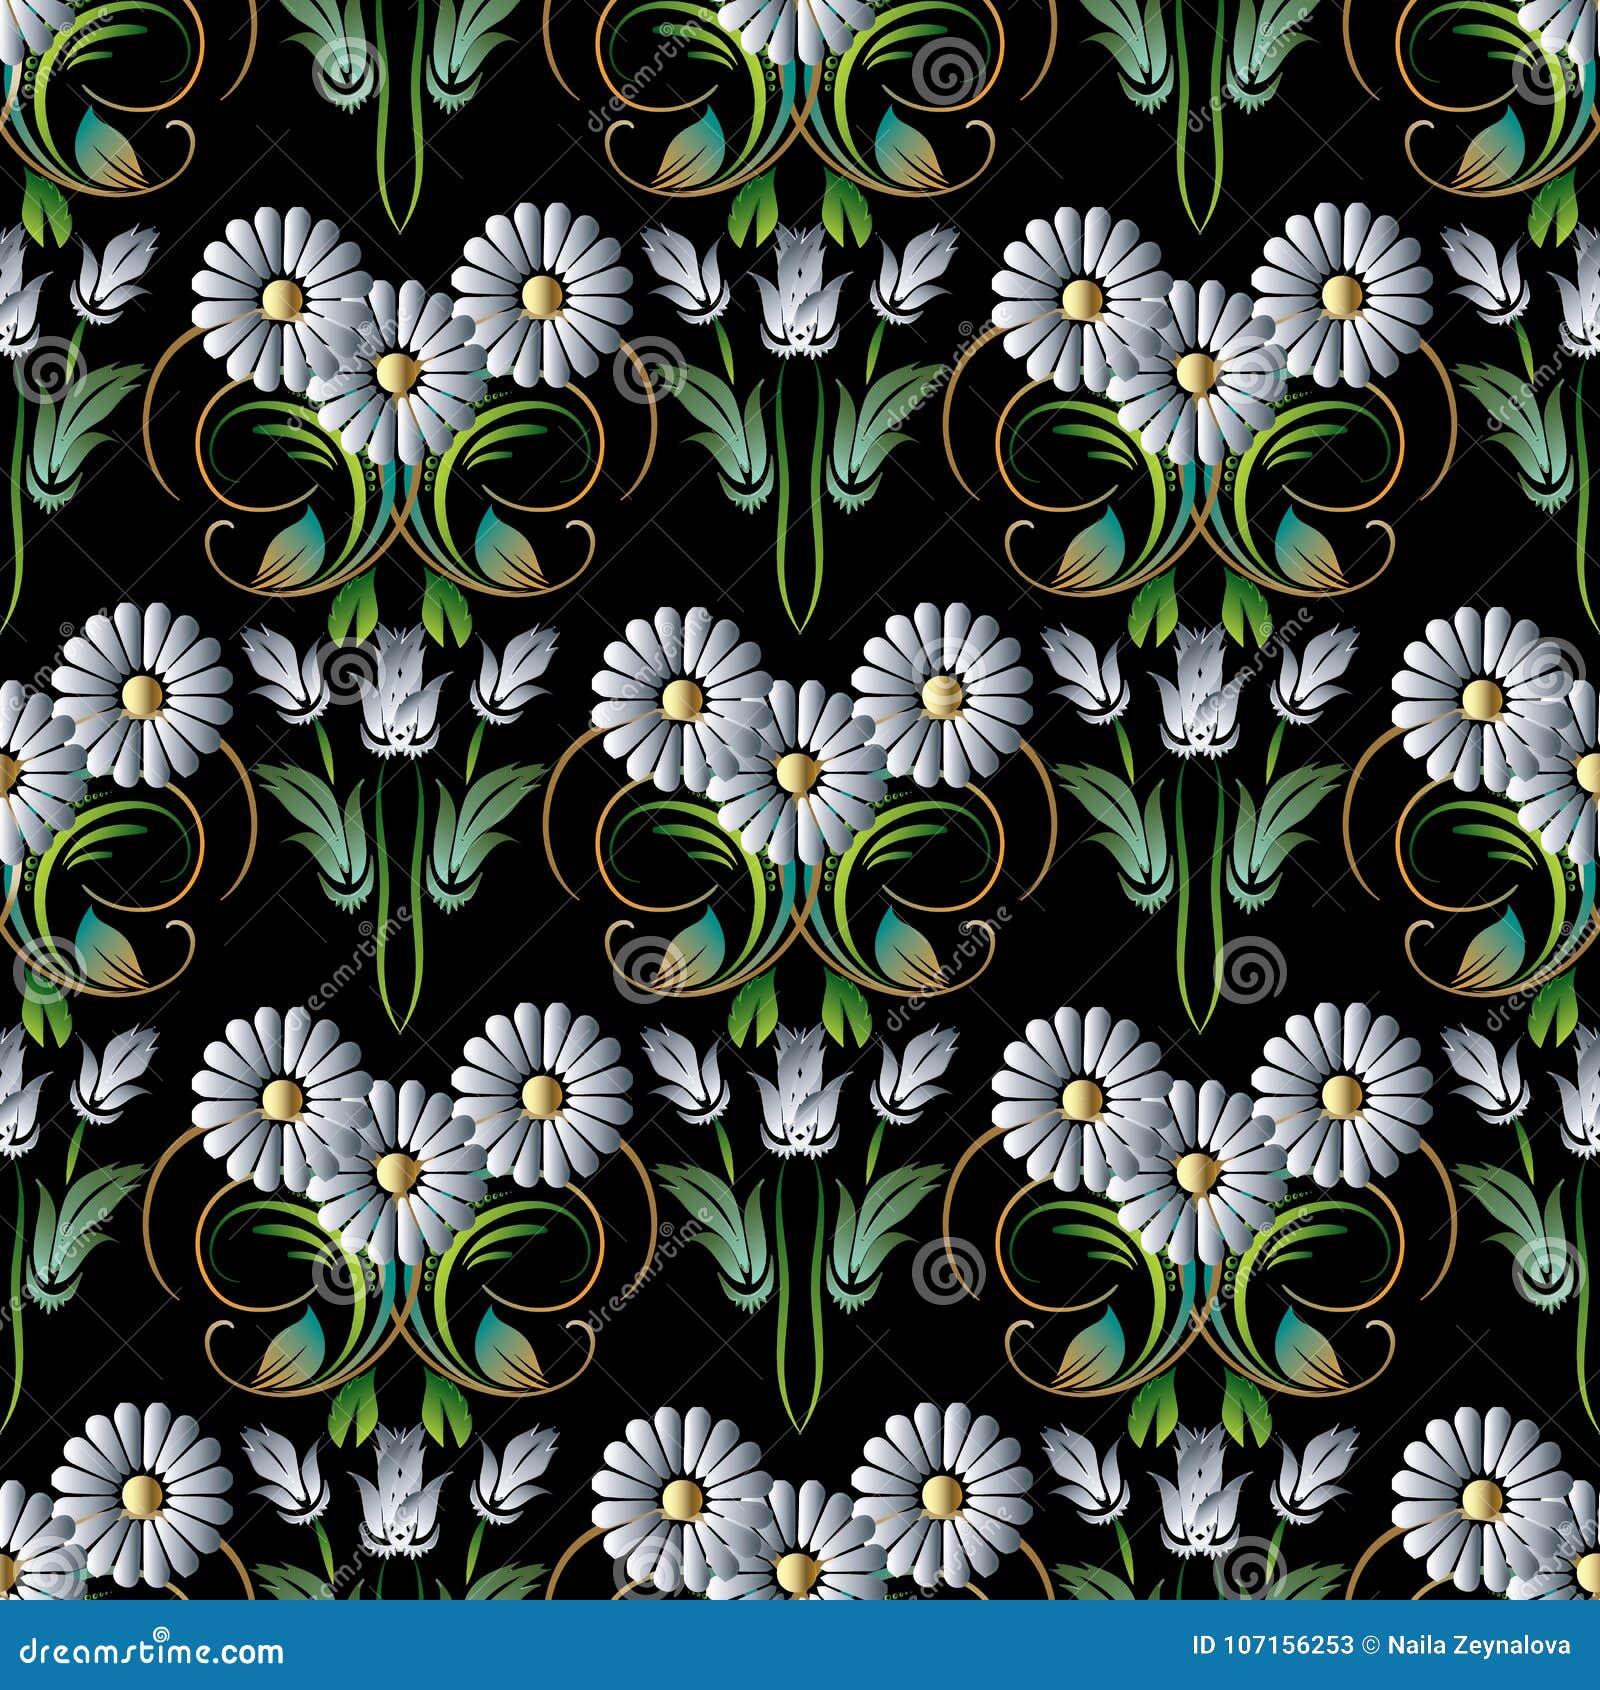 Download 88 Koleksi Wallpaper Wa Flower HD Terbaik